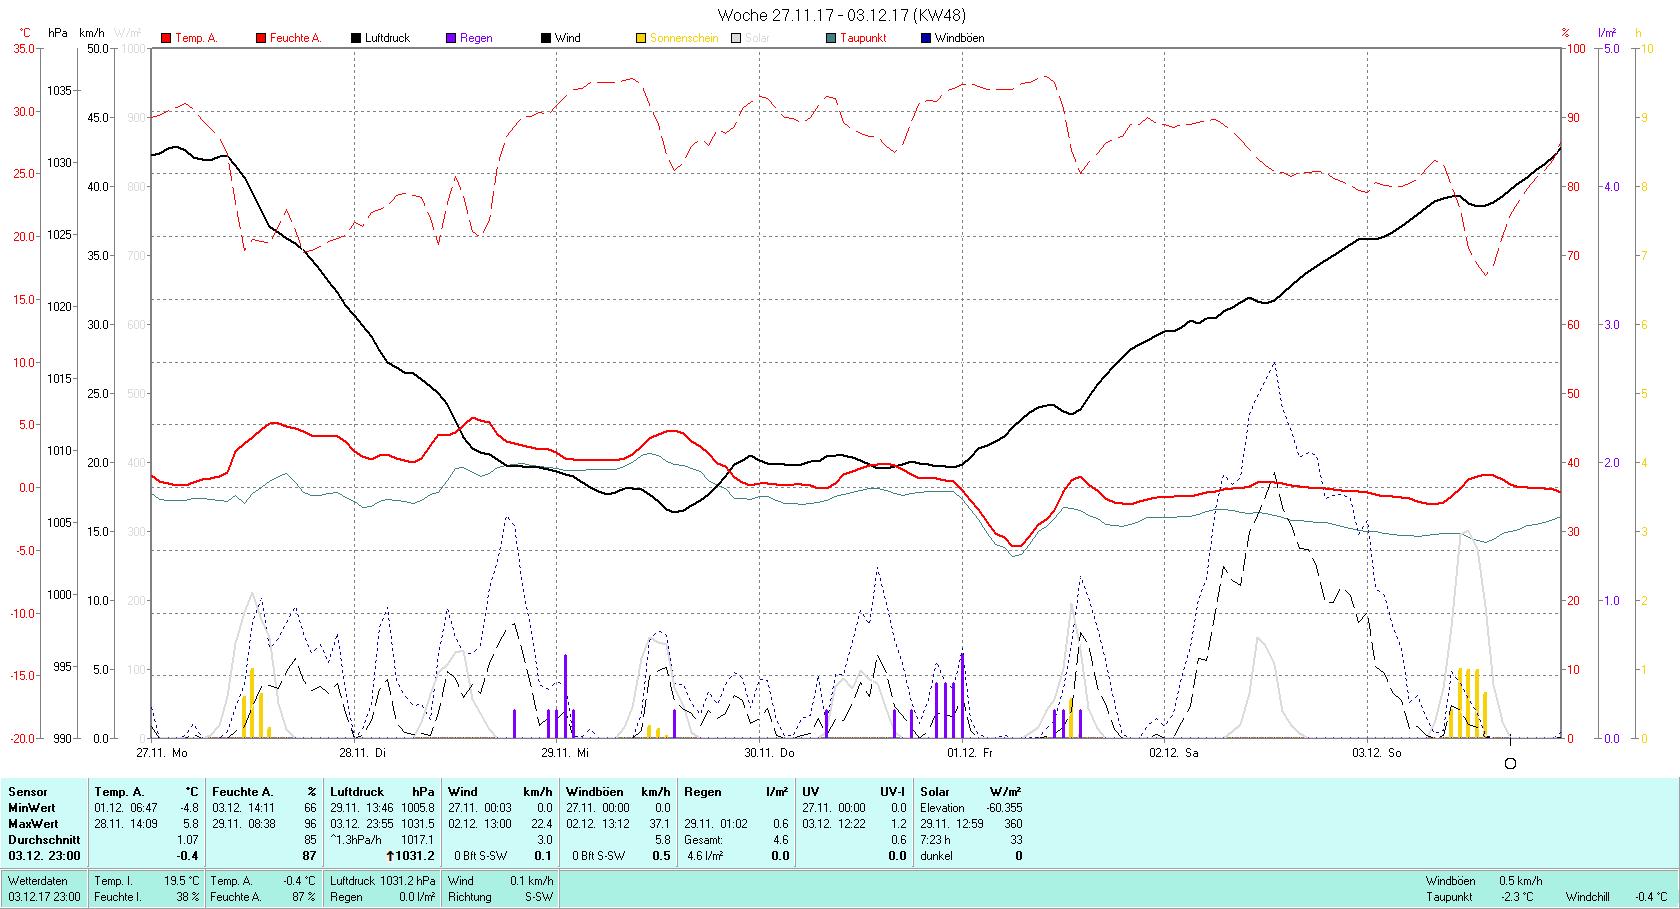 KW 48 Tmin -4.8°C, Tmax 5.8°C, Sonne 7:23 h Niederschlag 4.6 mm2